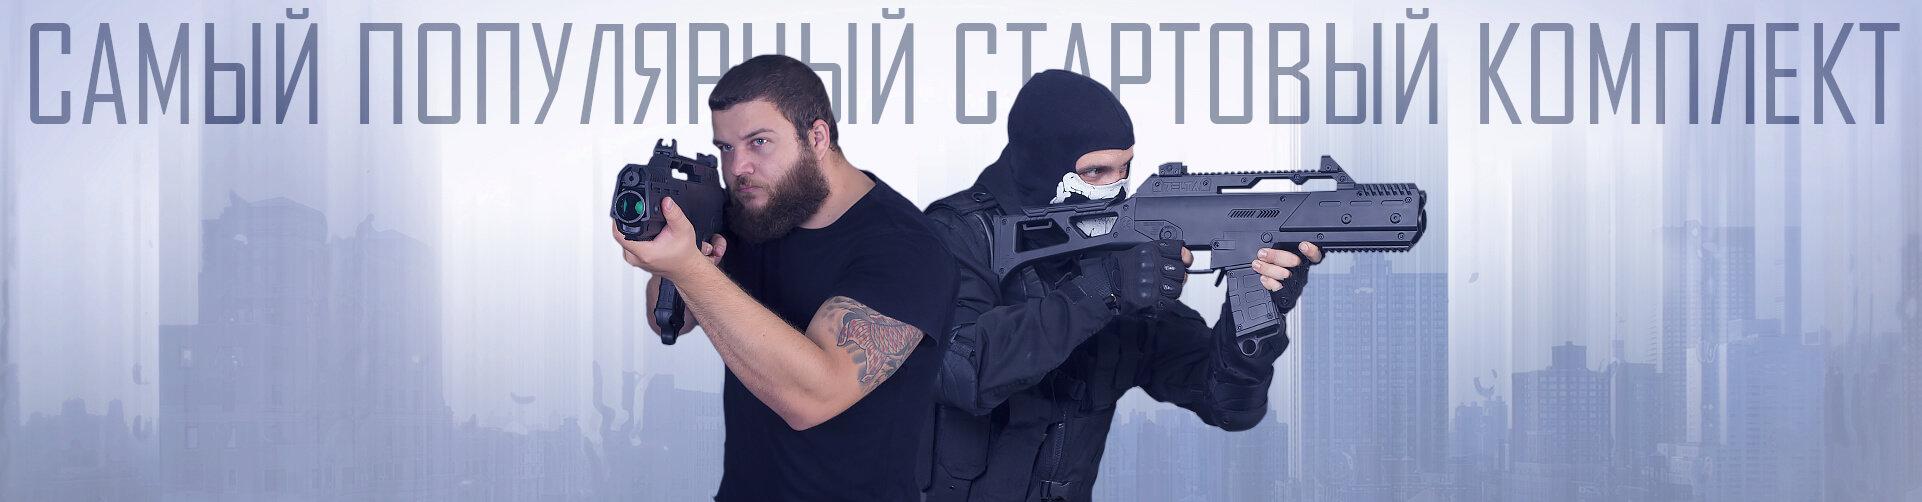 ГОРЯЧИЙ_КОМПЛЕКТ